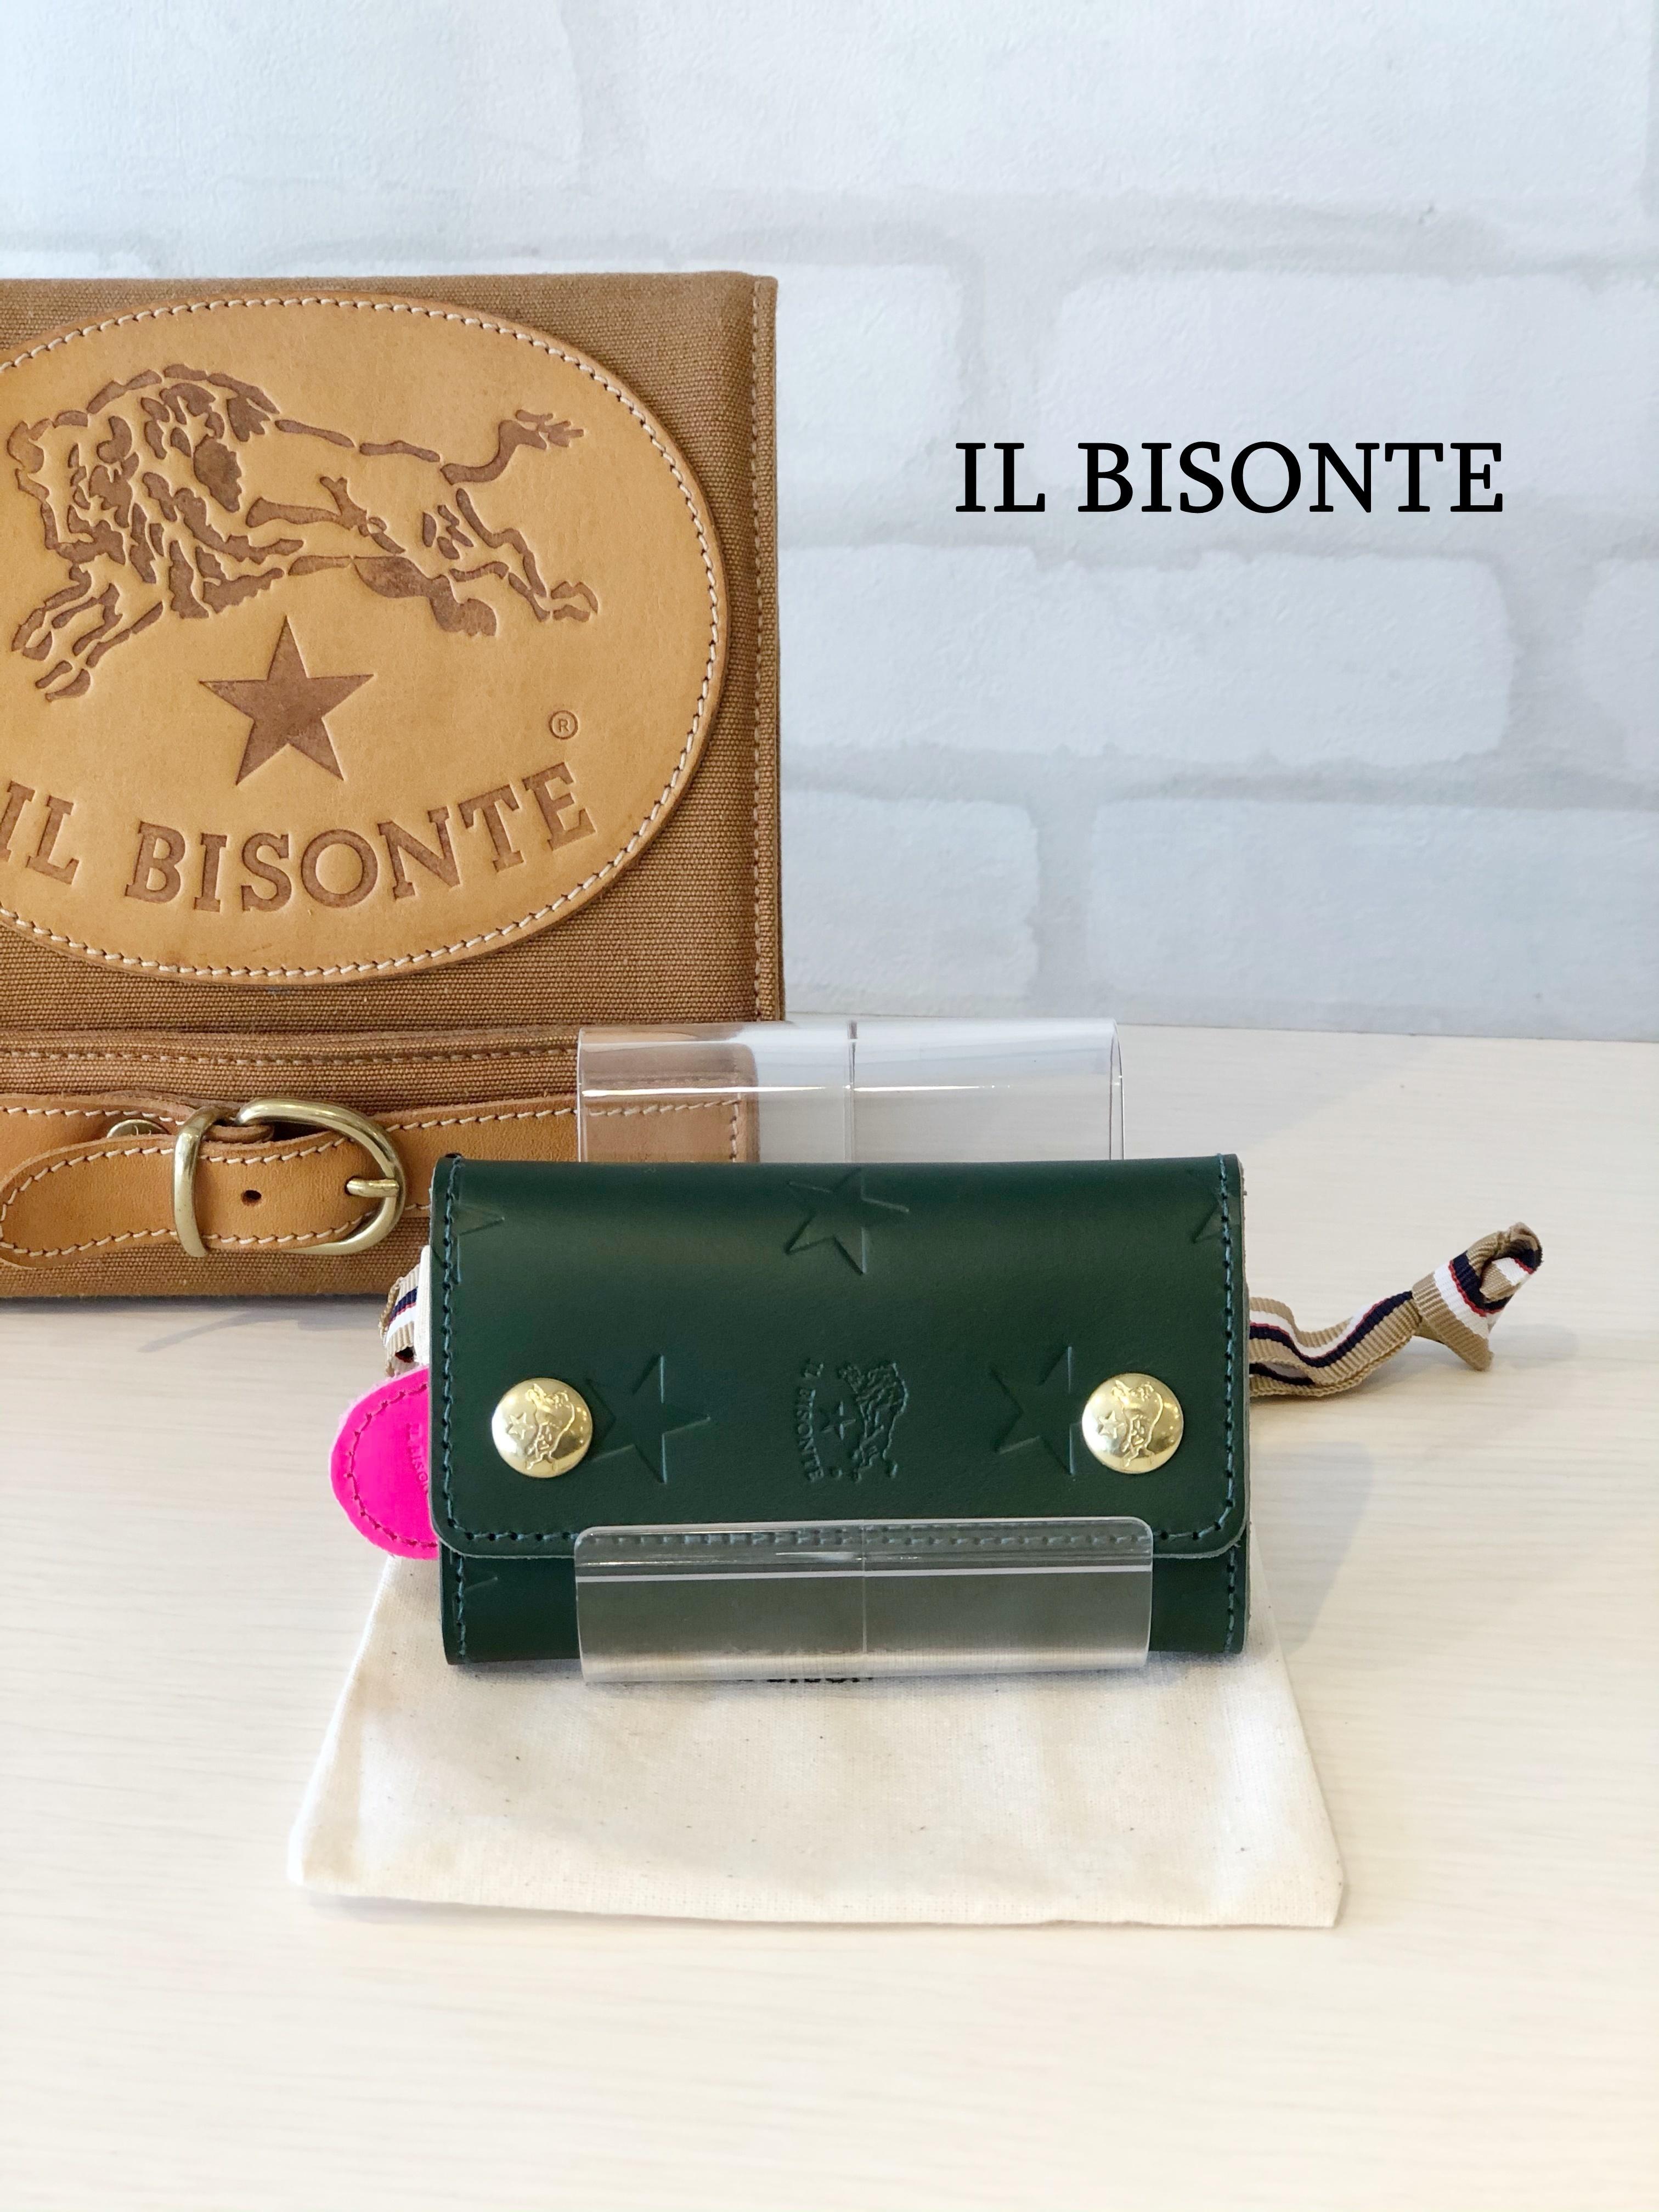 【日本限定】IL BISONTE(イルビゾンテ)/キーケース/04890(グリーン)